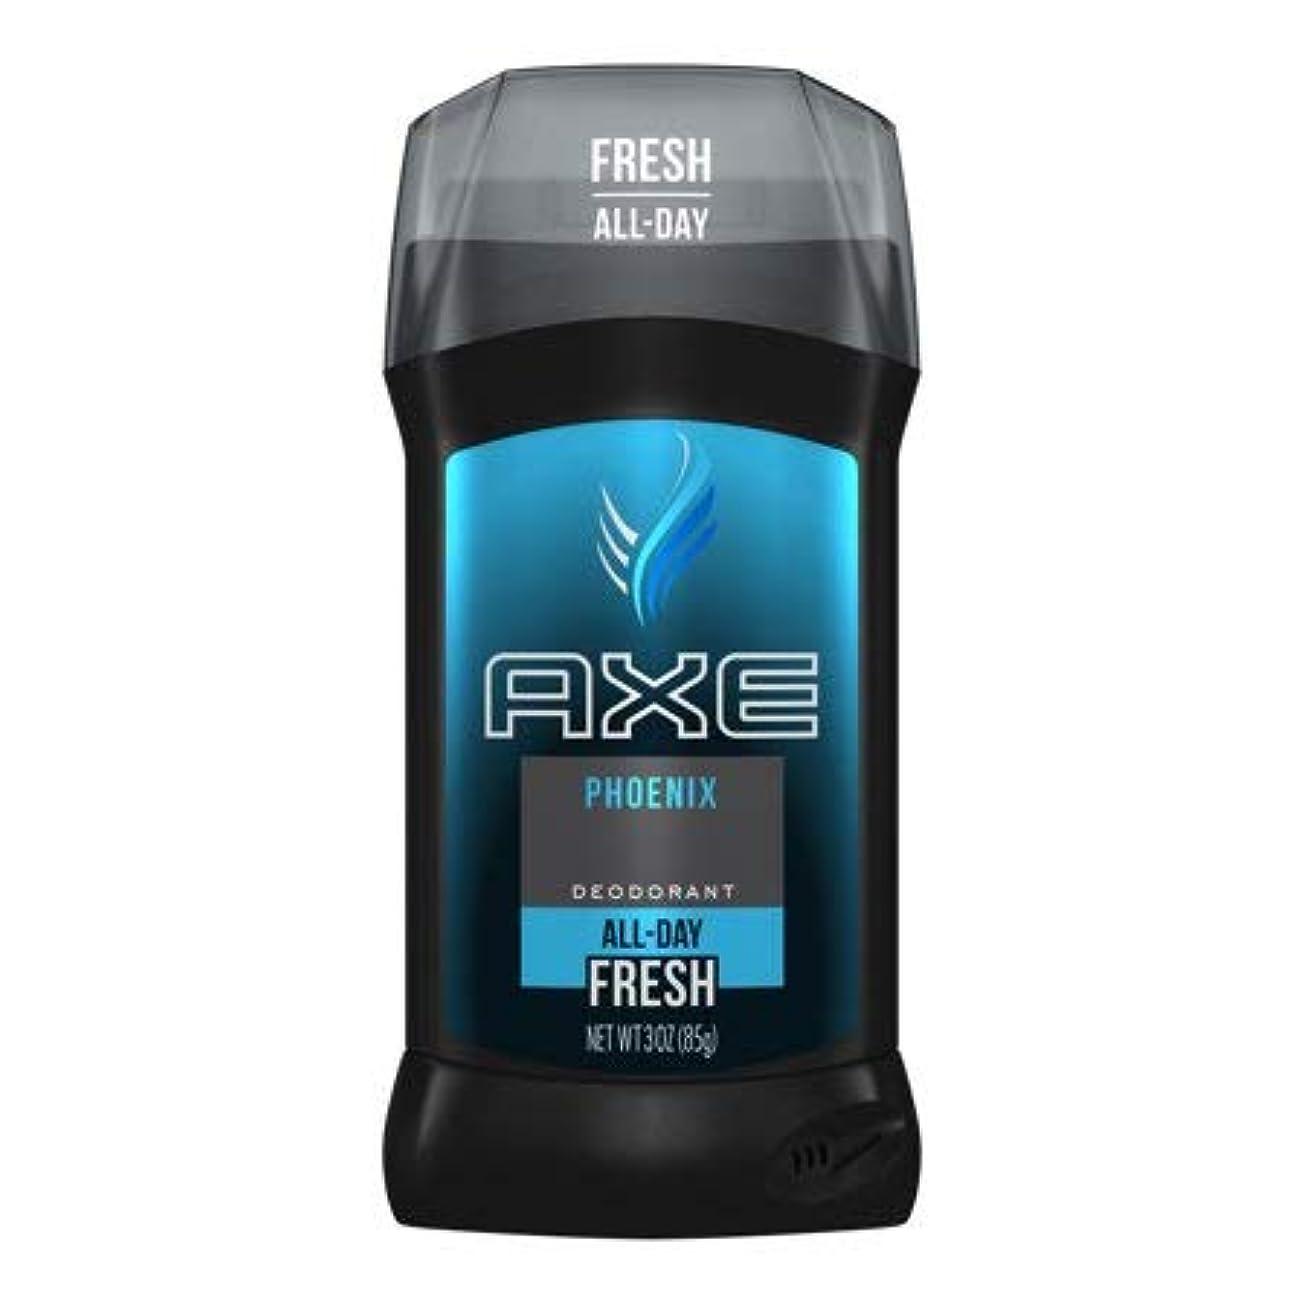 従者漂流インスタントAXE Phoenix Deodorant Stick Fresh 3 oz アクセ フェニックス フレッシュ デオドラント 海外直送品 [並行輸入品]